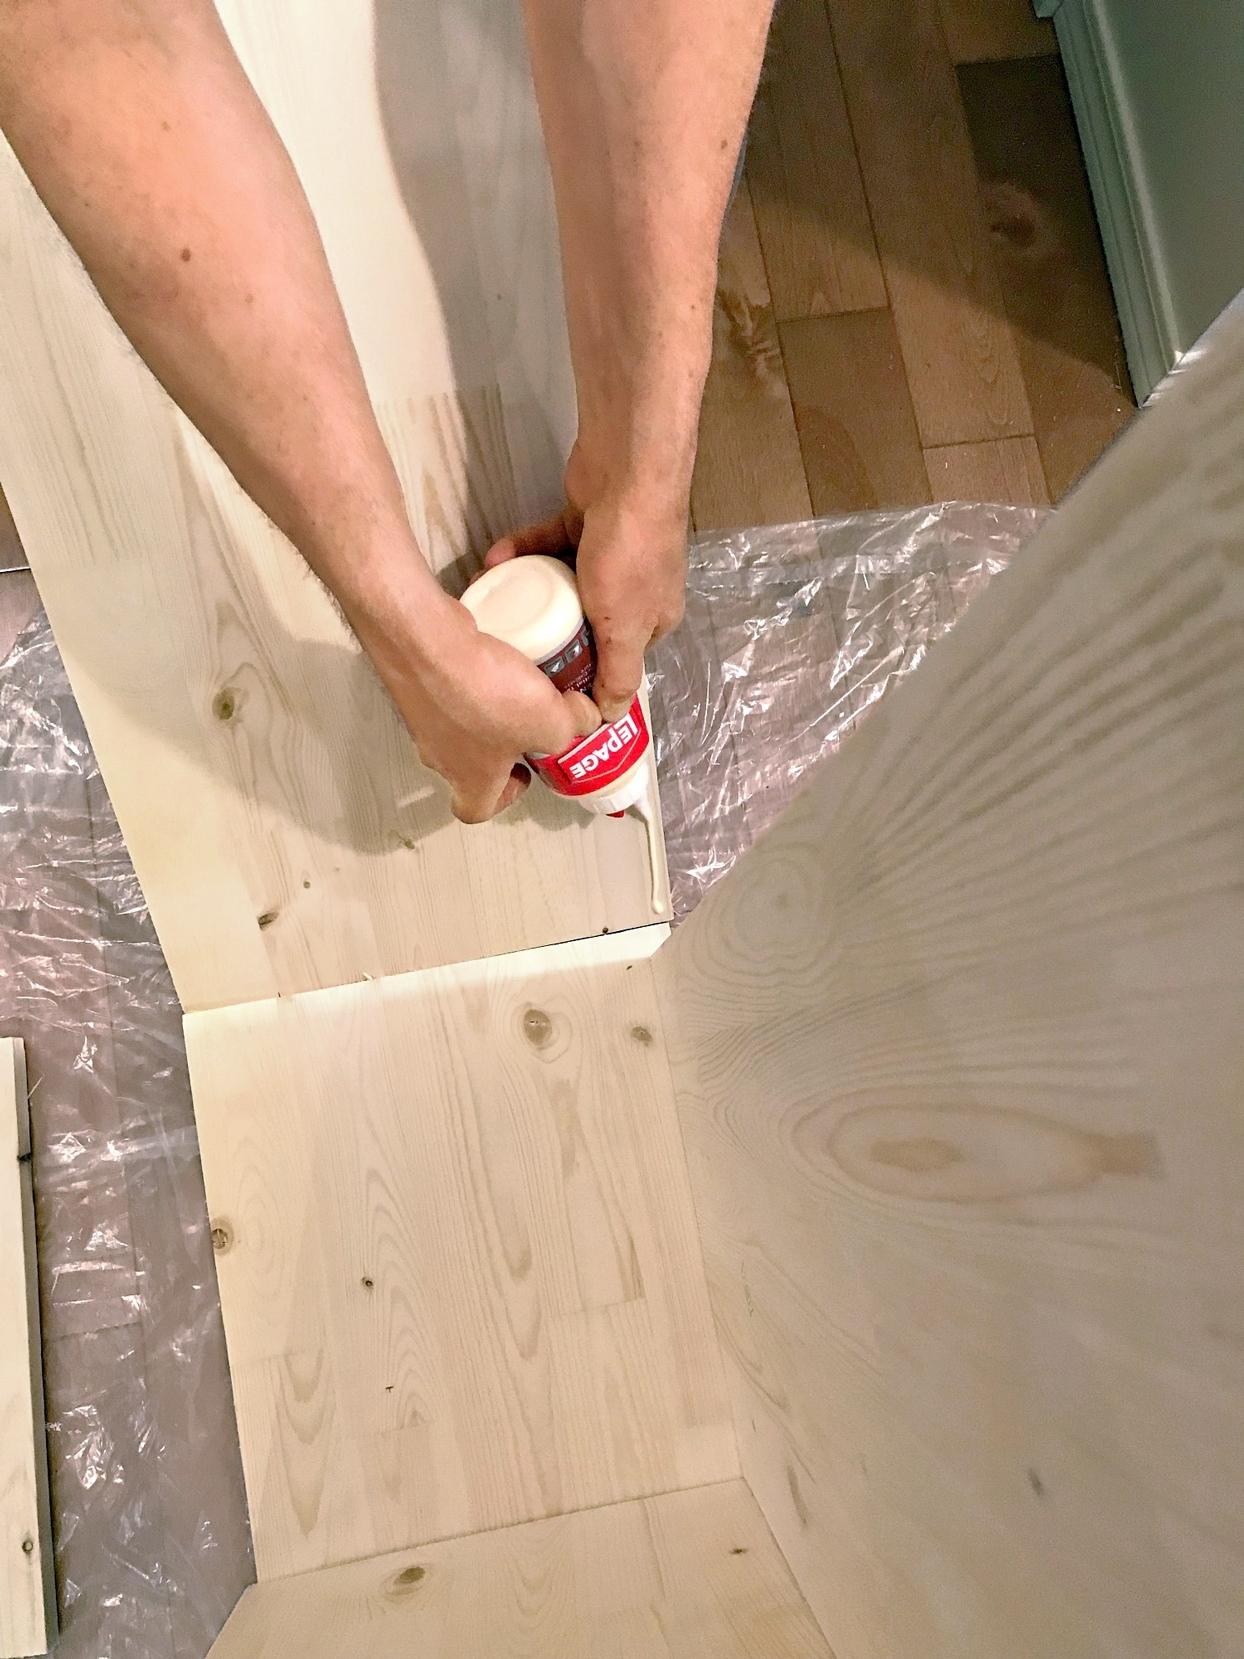 Как превратить деревянные полки в стильный стеллаж? полки, стене, чтобы, будут, высохнет, доски, материалов, поверхность, стеллажа, проводки, забивания, гвоздей, помощью, Когда, валик, полок, фанера, дереву, герметик, посуду